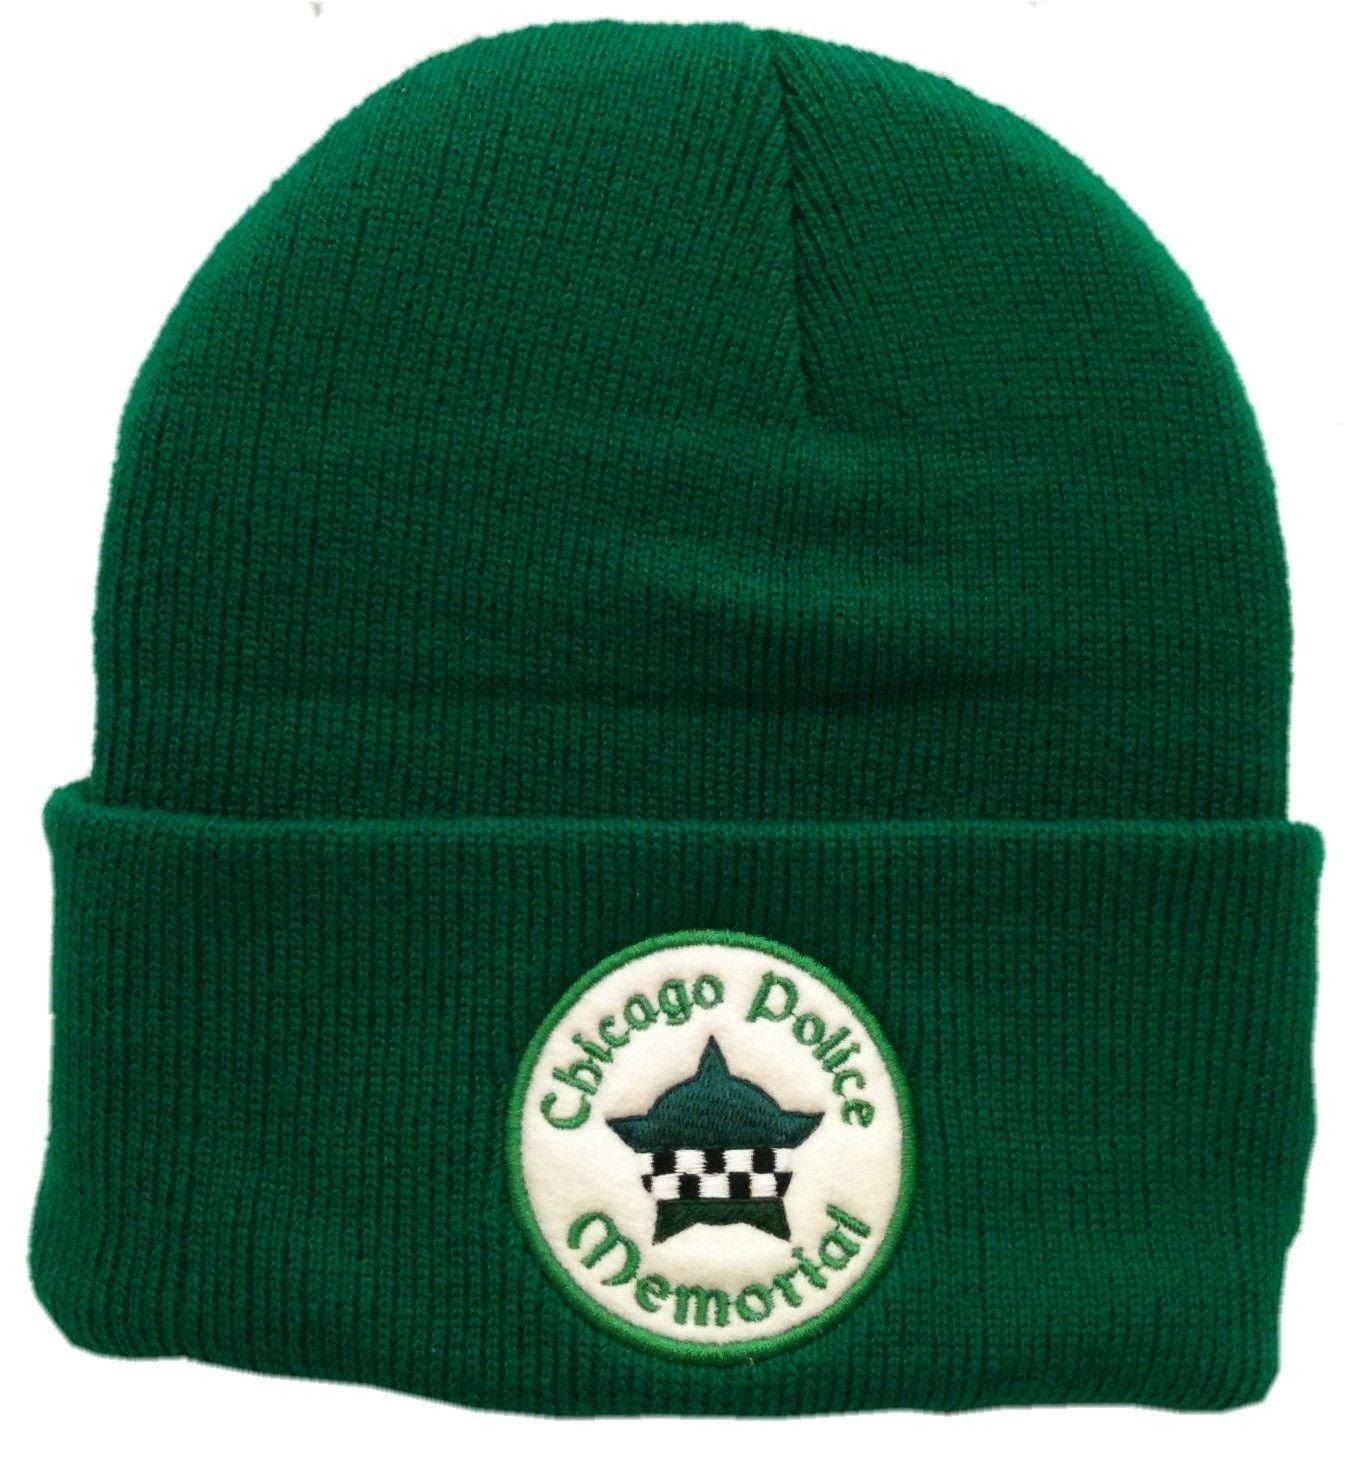 CPD Memorial Irish Green Cuffed Knit Hat